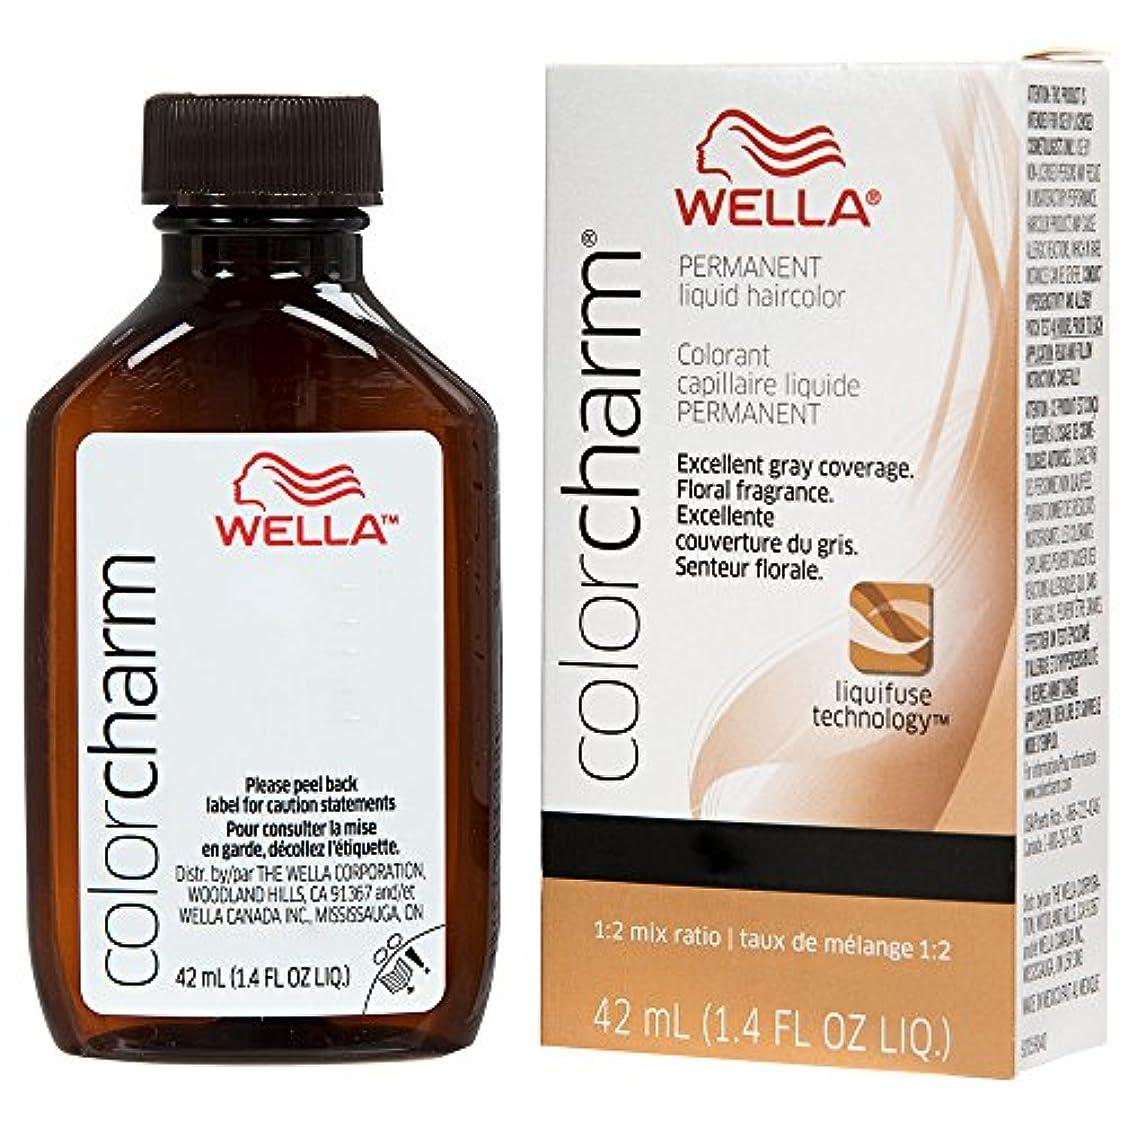 ロック解除キャンディー東Wella - Colorcharm - Permanent Liquid - Medium Blonde 7N /711-1.4 OZ / 42 mL